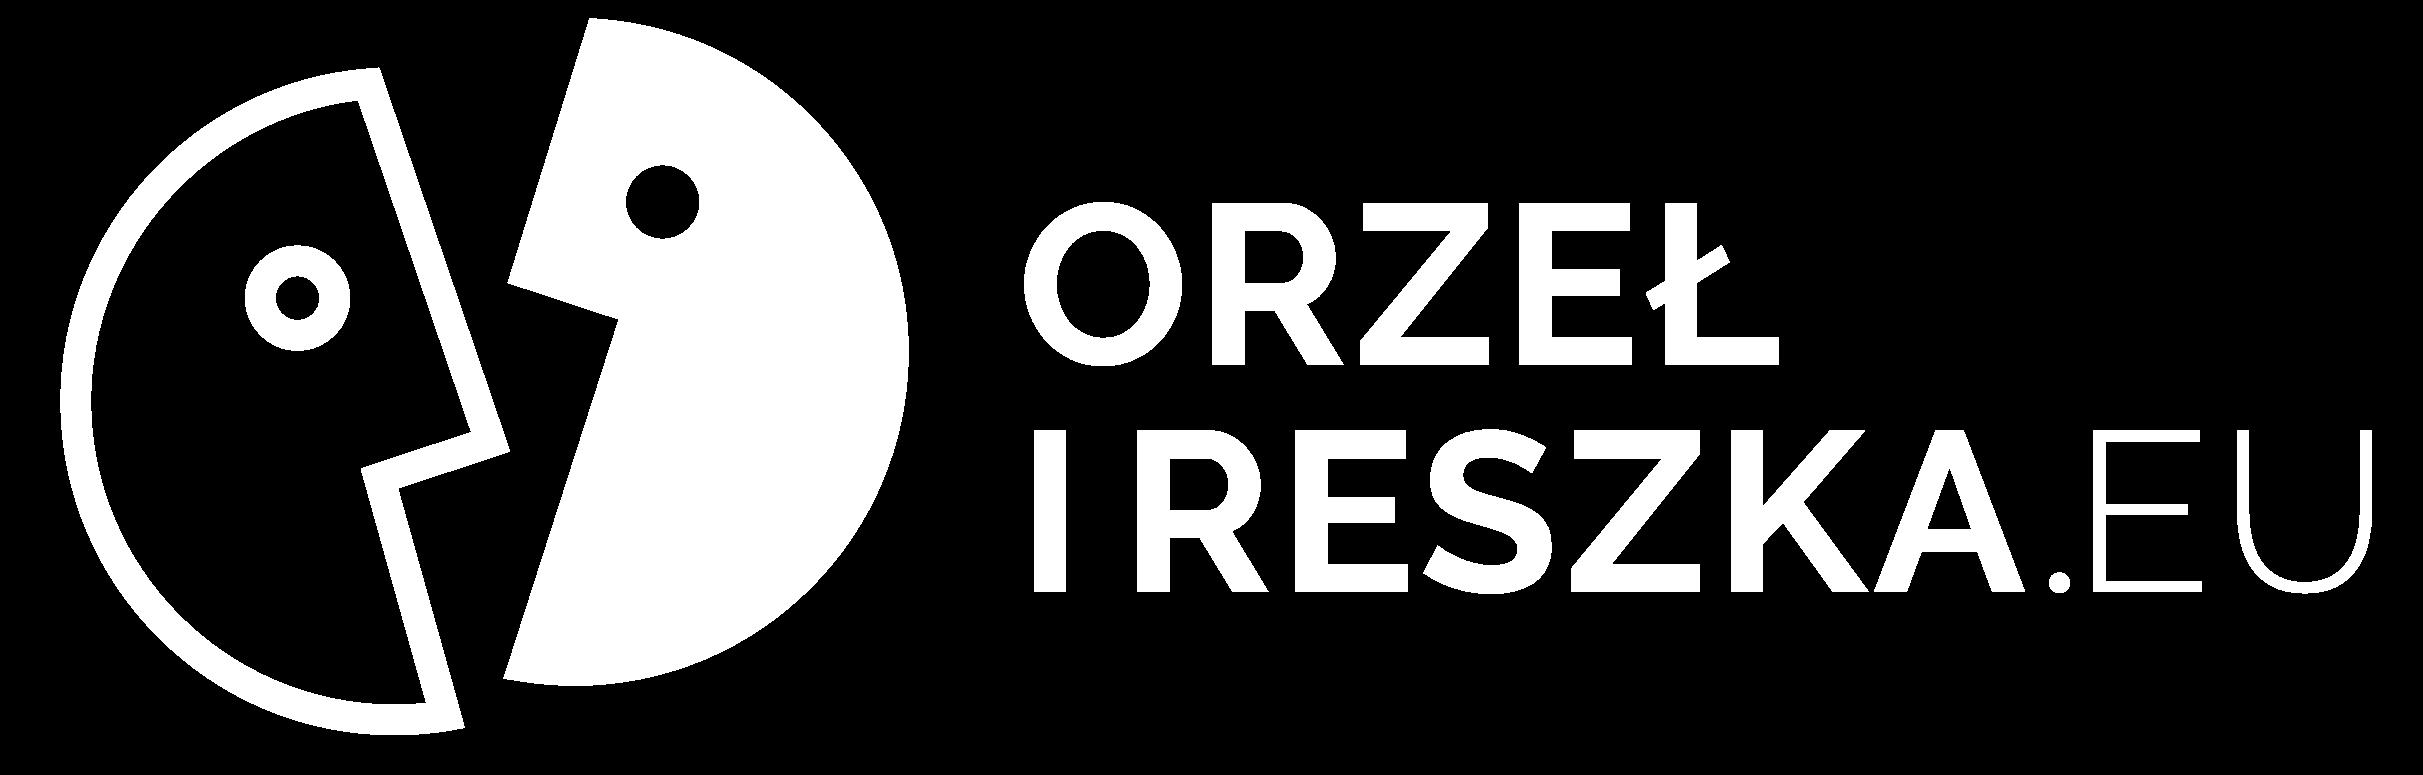 Logo Stowarzyszenia Orzeł i Reszka